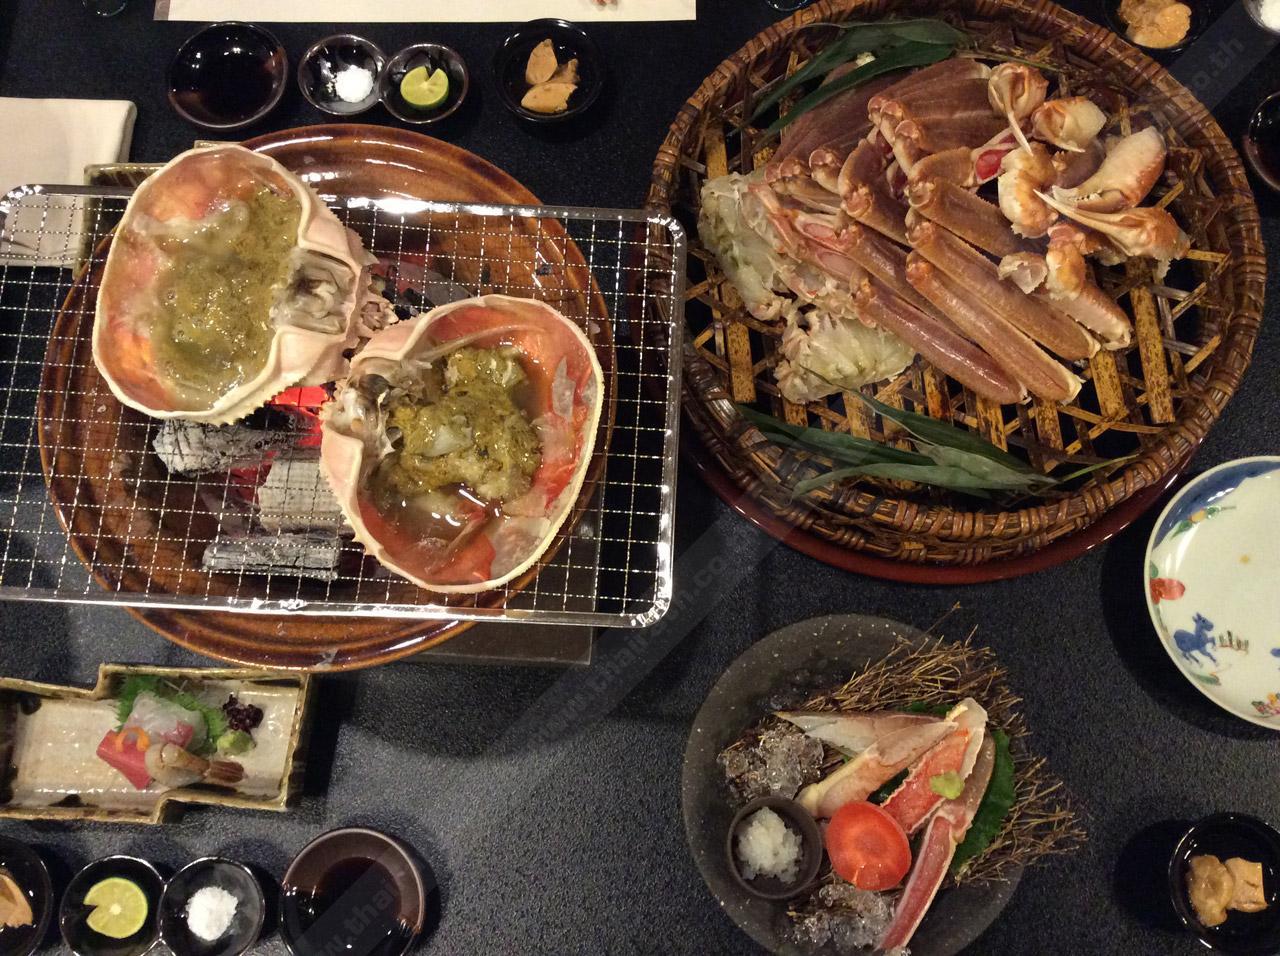 มื้อหลักของไคเซกิเซตปู เป็นปูย่างเตาถ่าน